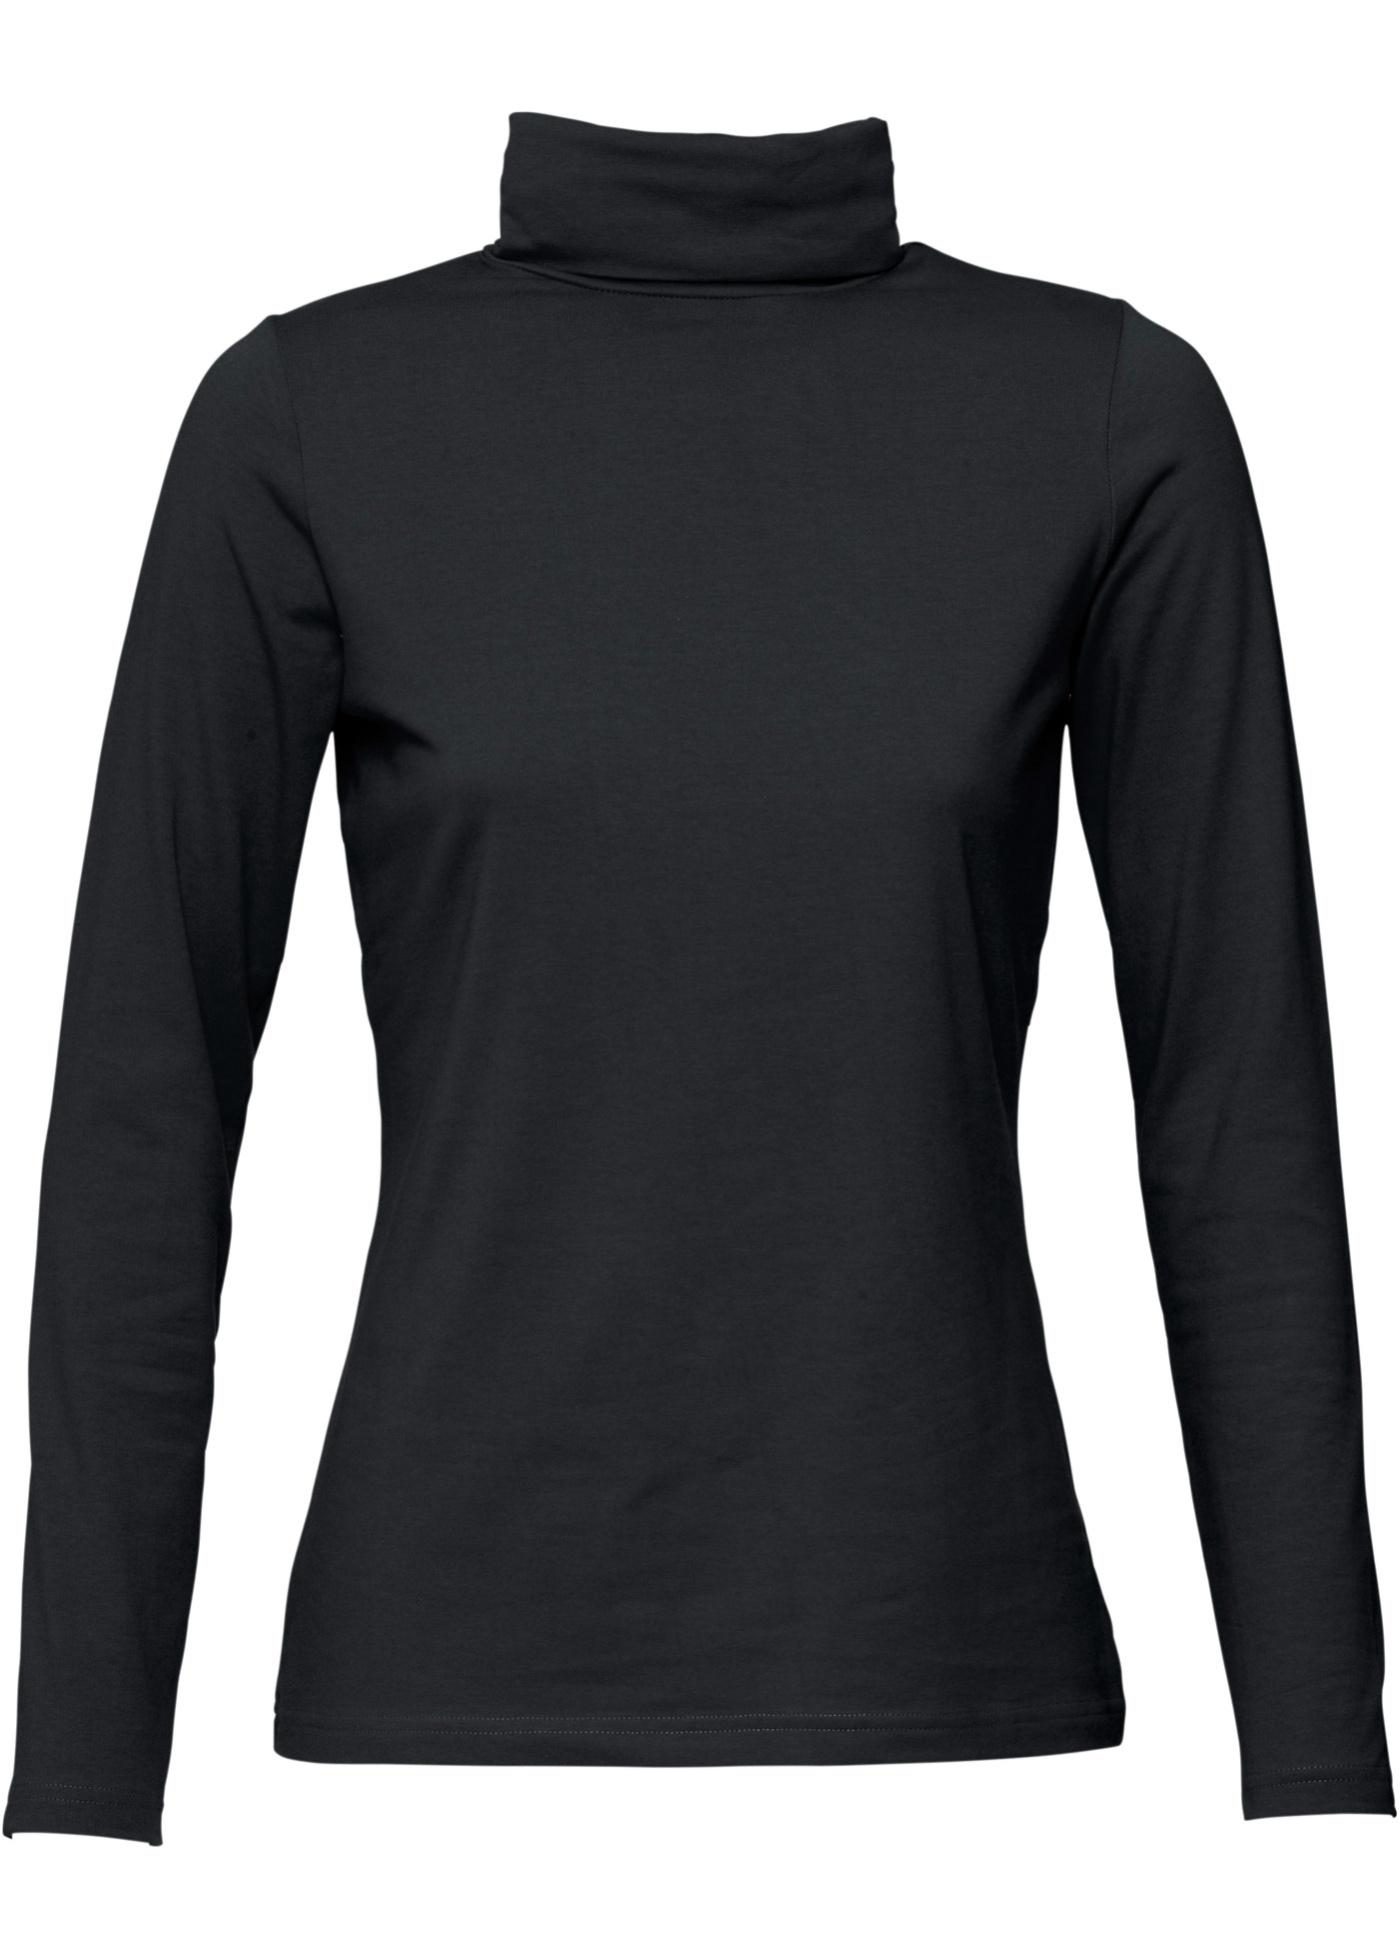 T-shirt col roulé noir manches longues femme -...